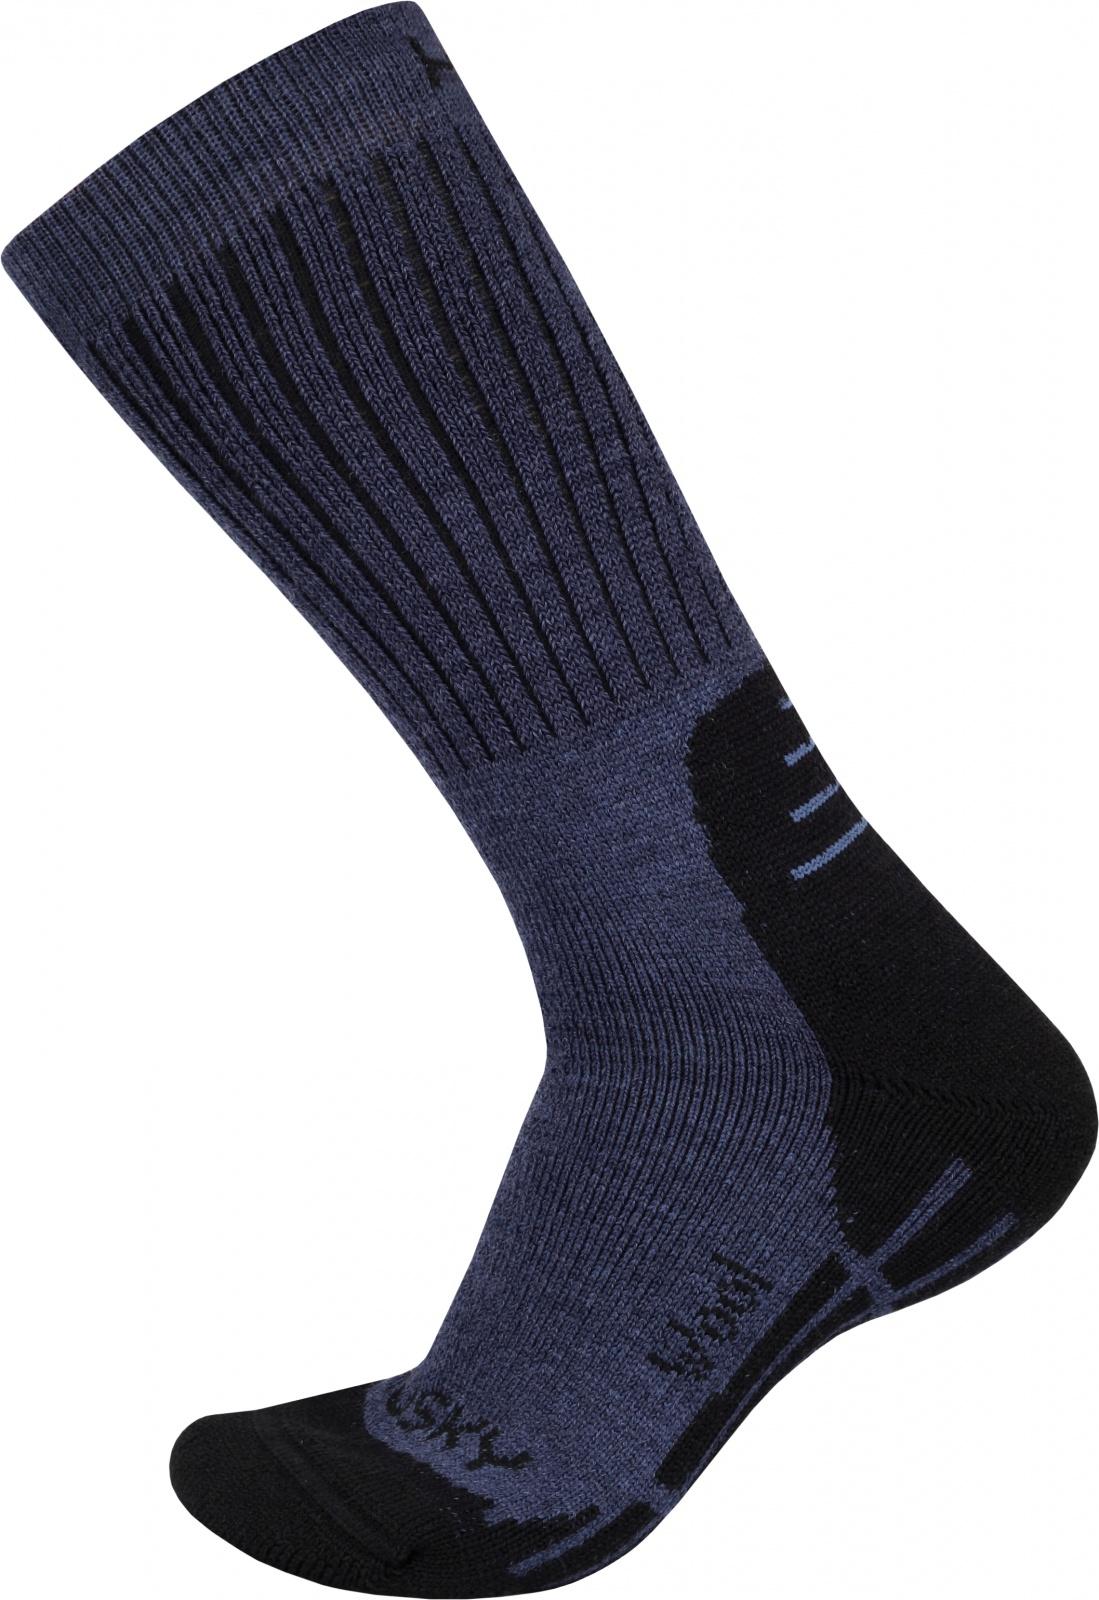 Husky Ponožky All Wool modrá Velikost: L (41-44)